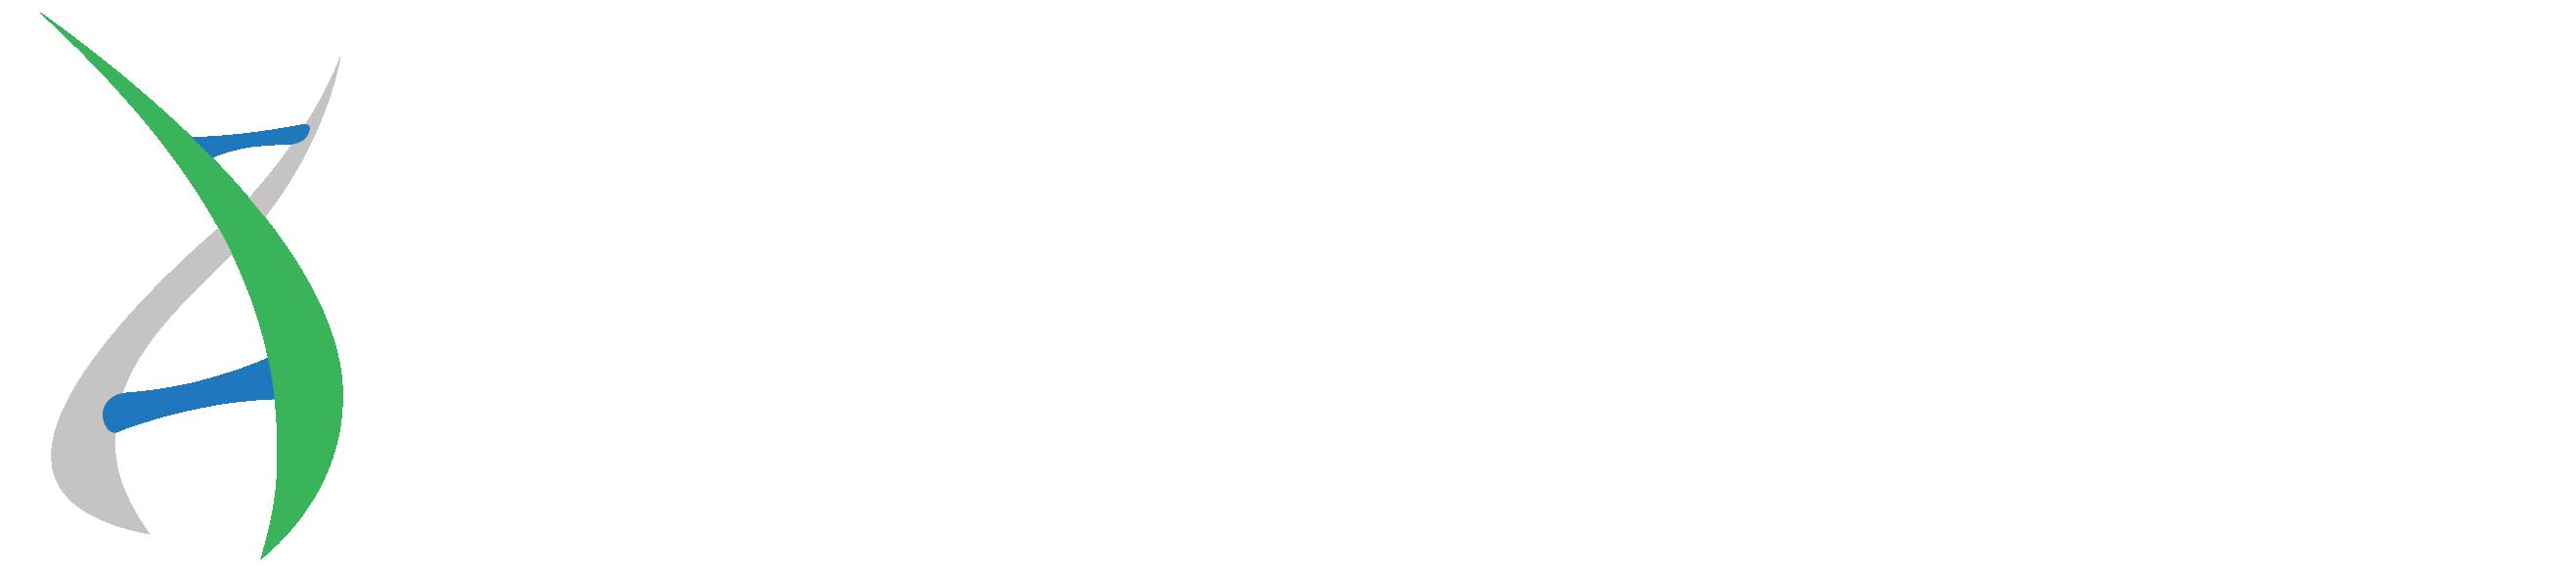 PMWC Precision Medicine World Conference Logo